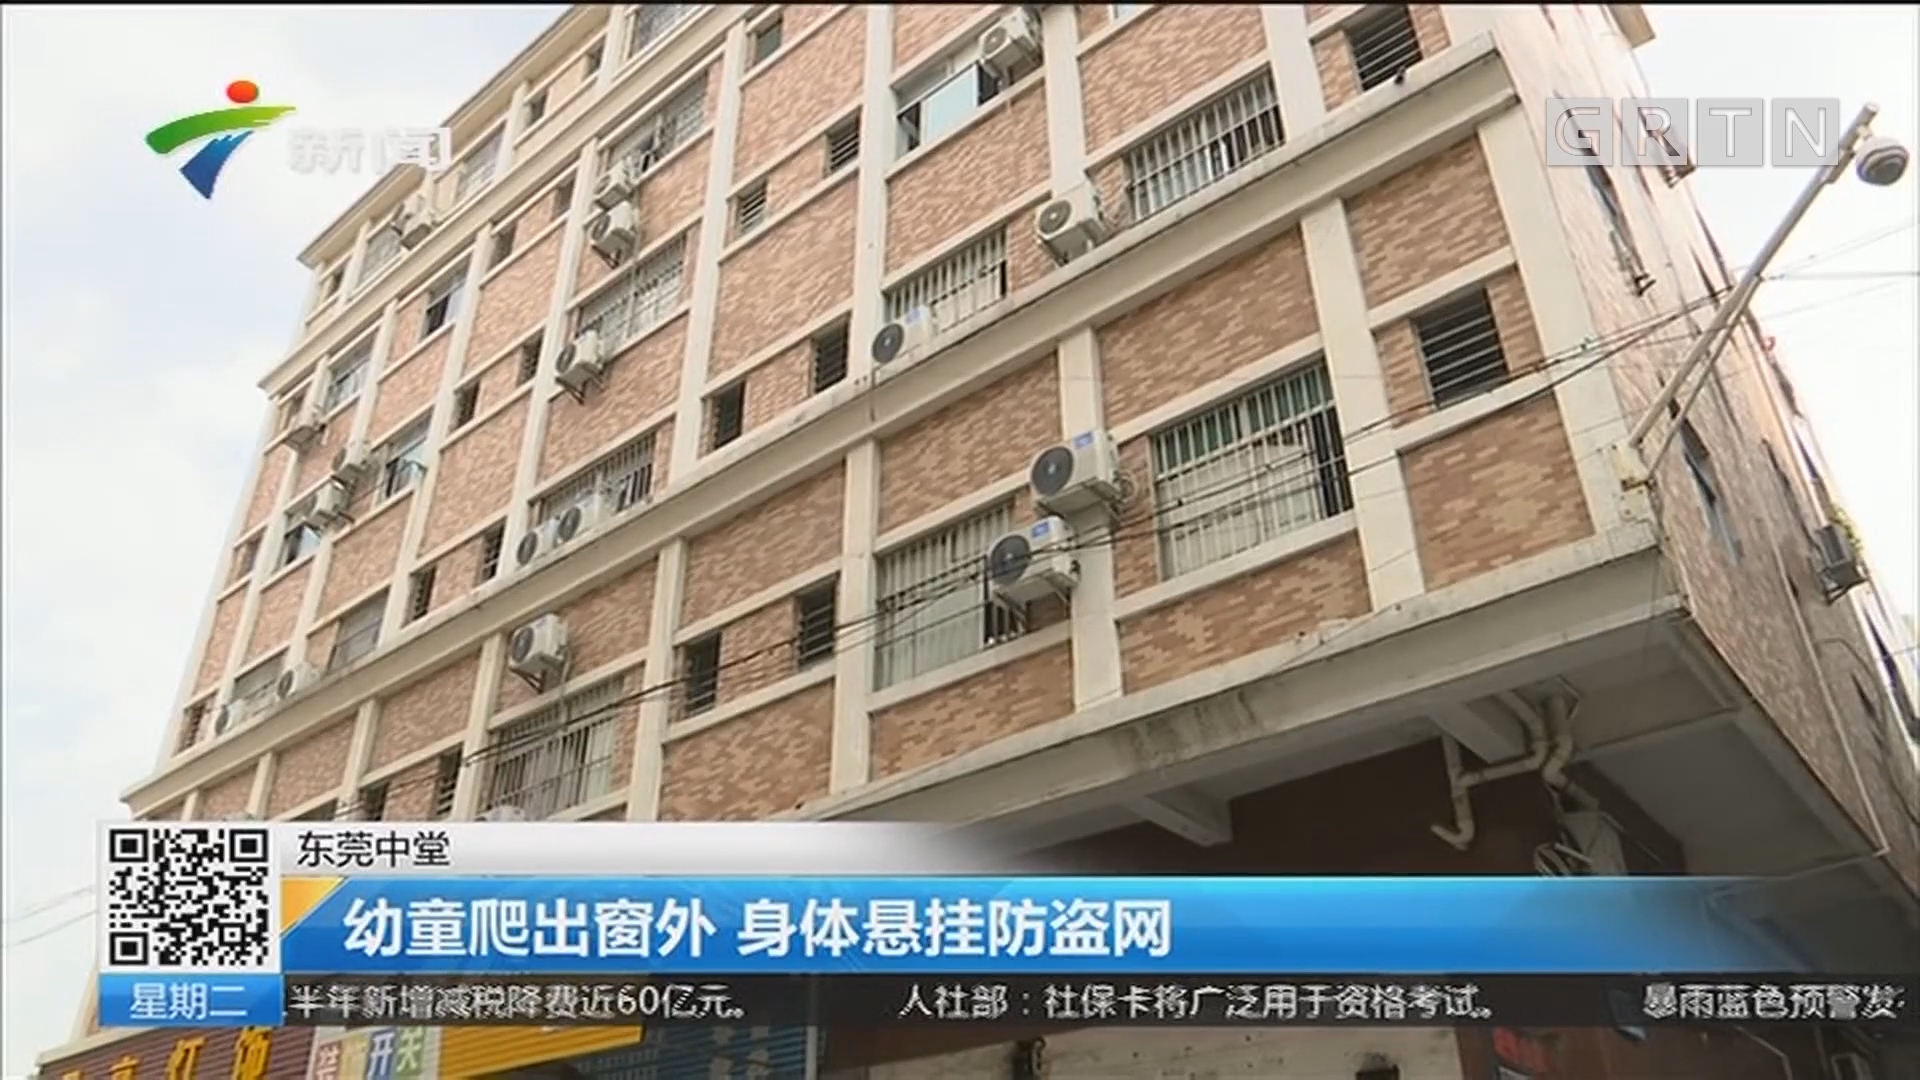 东莞中堂:幼童爬出窗外 身体悬挂防盗网